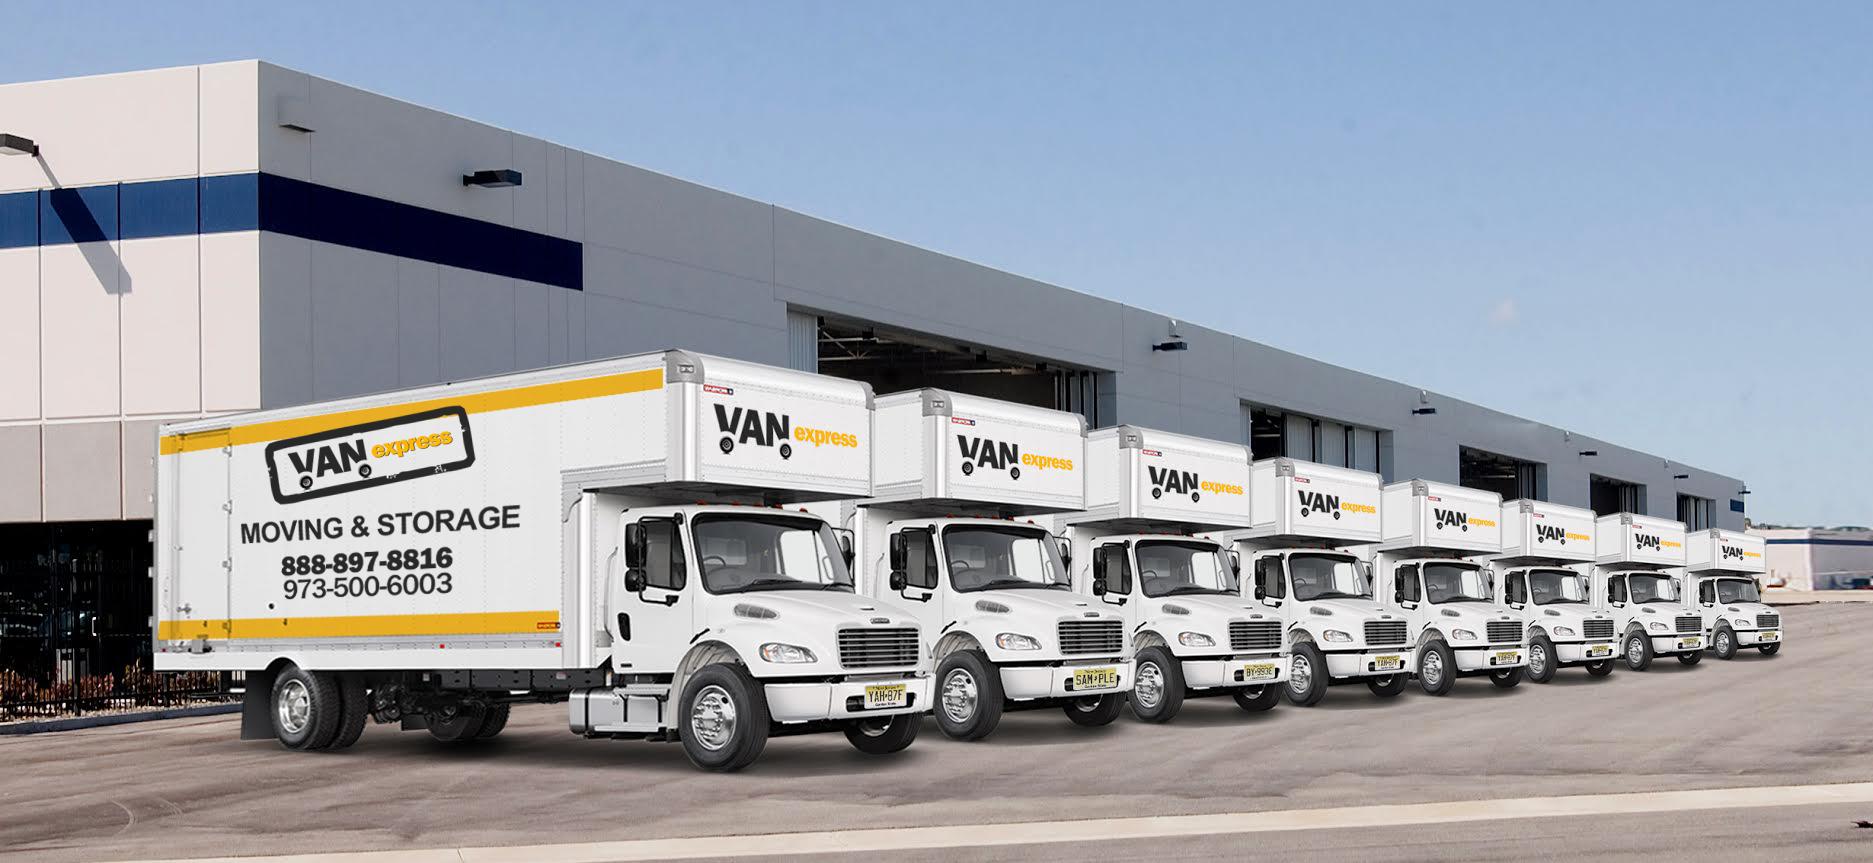 Van Express Moving